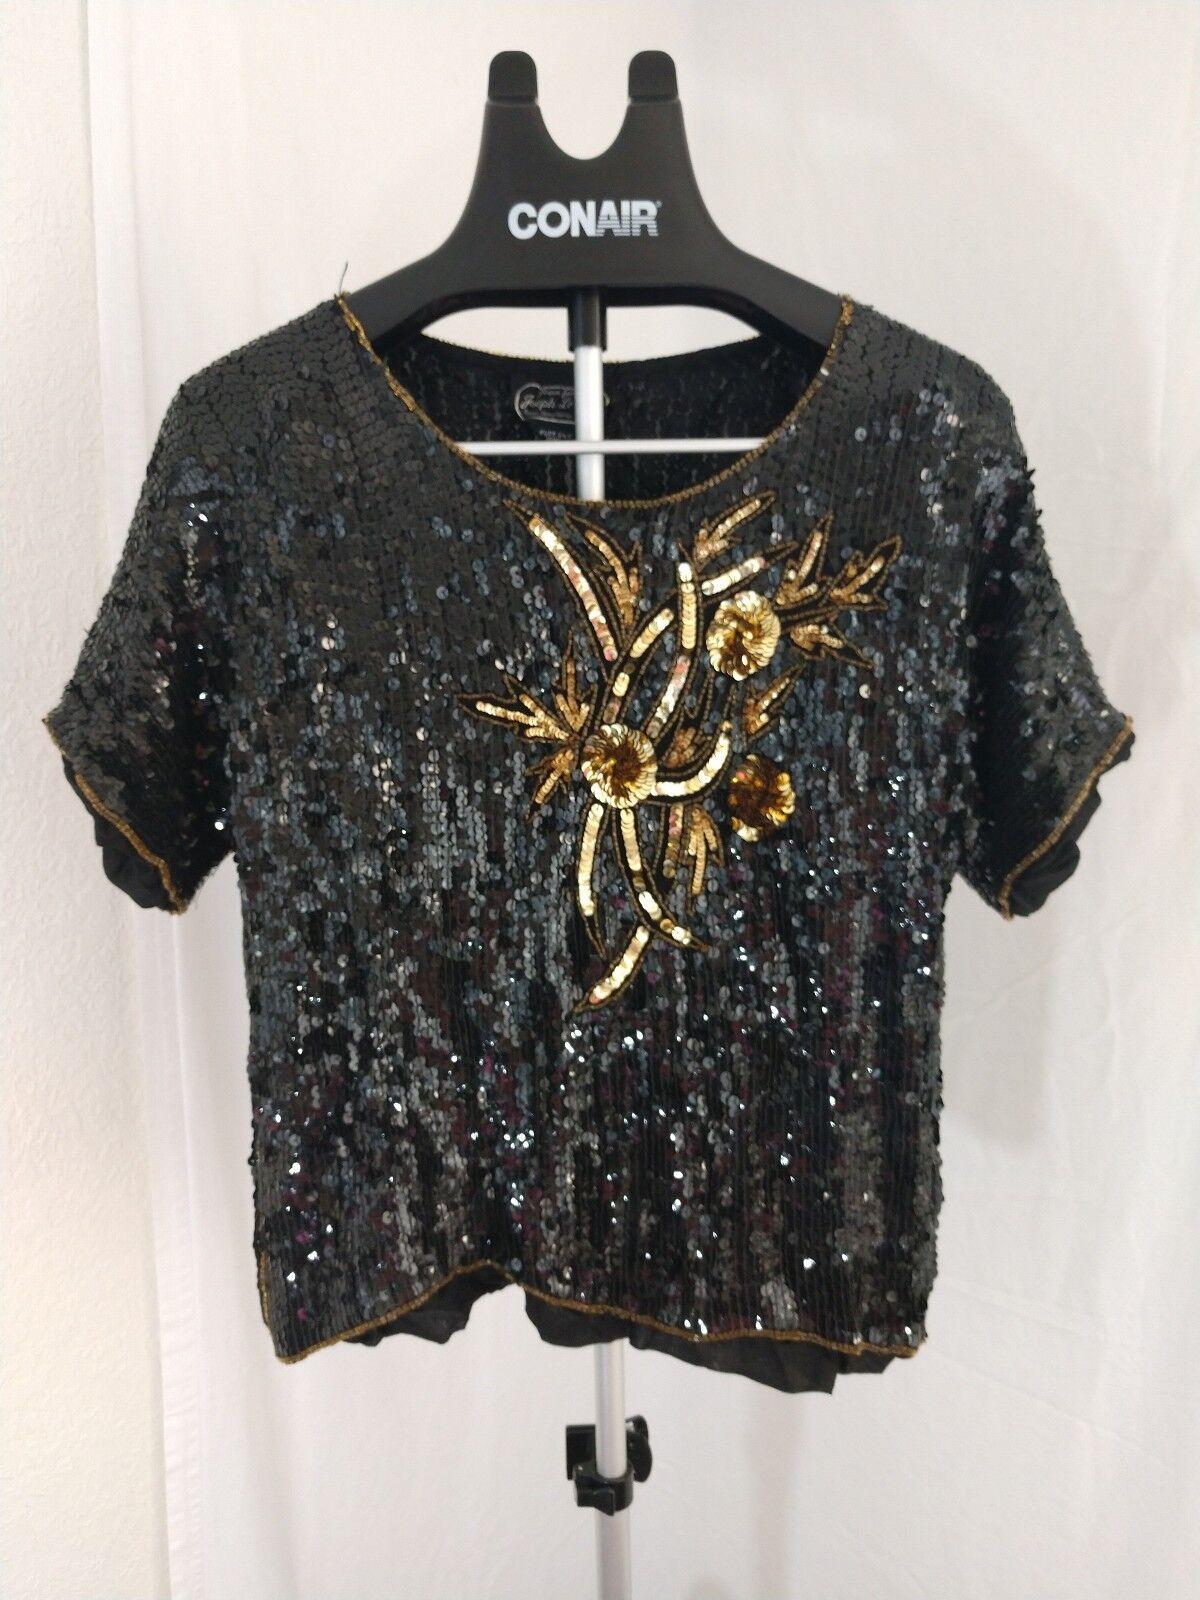 Vintage Joseph Le Bon Beaded Sequin Top Größe XL schwarz and Gold